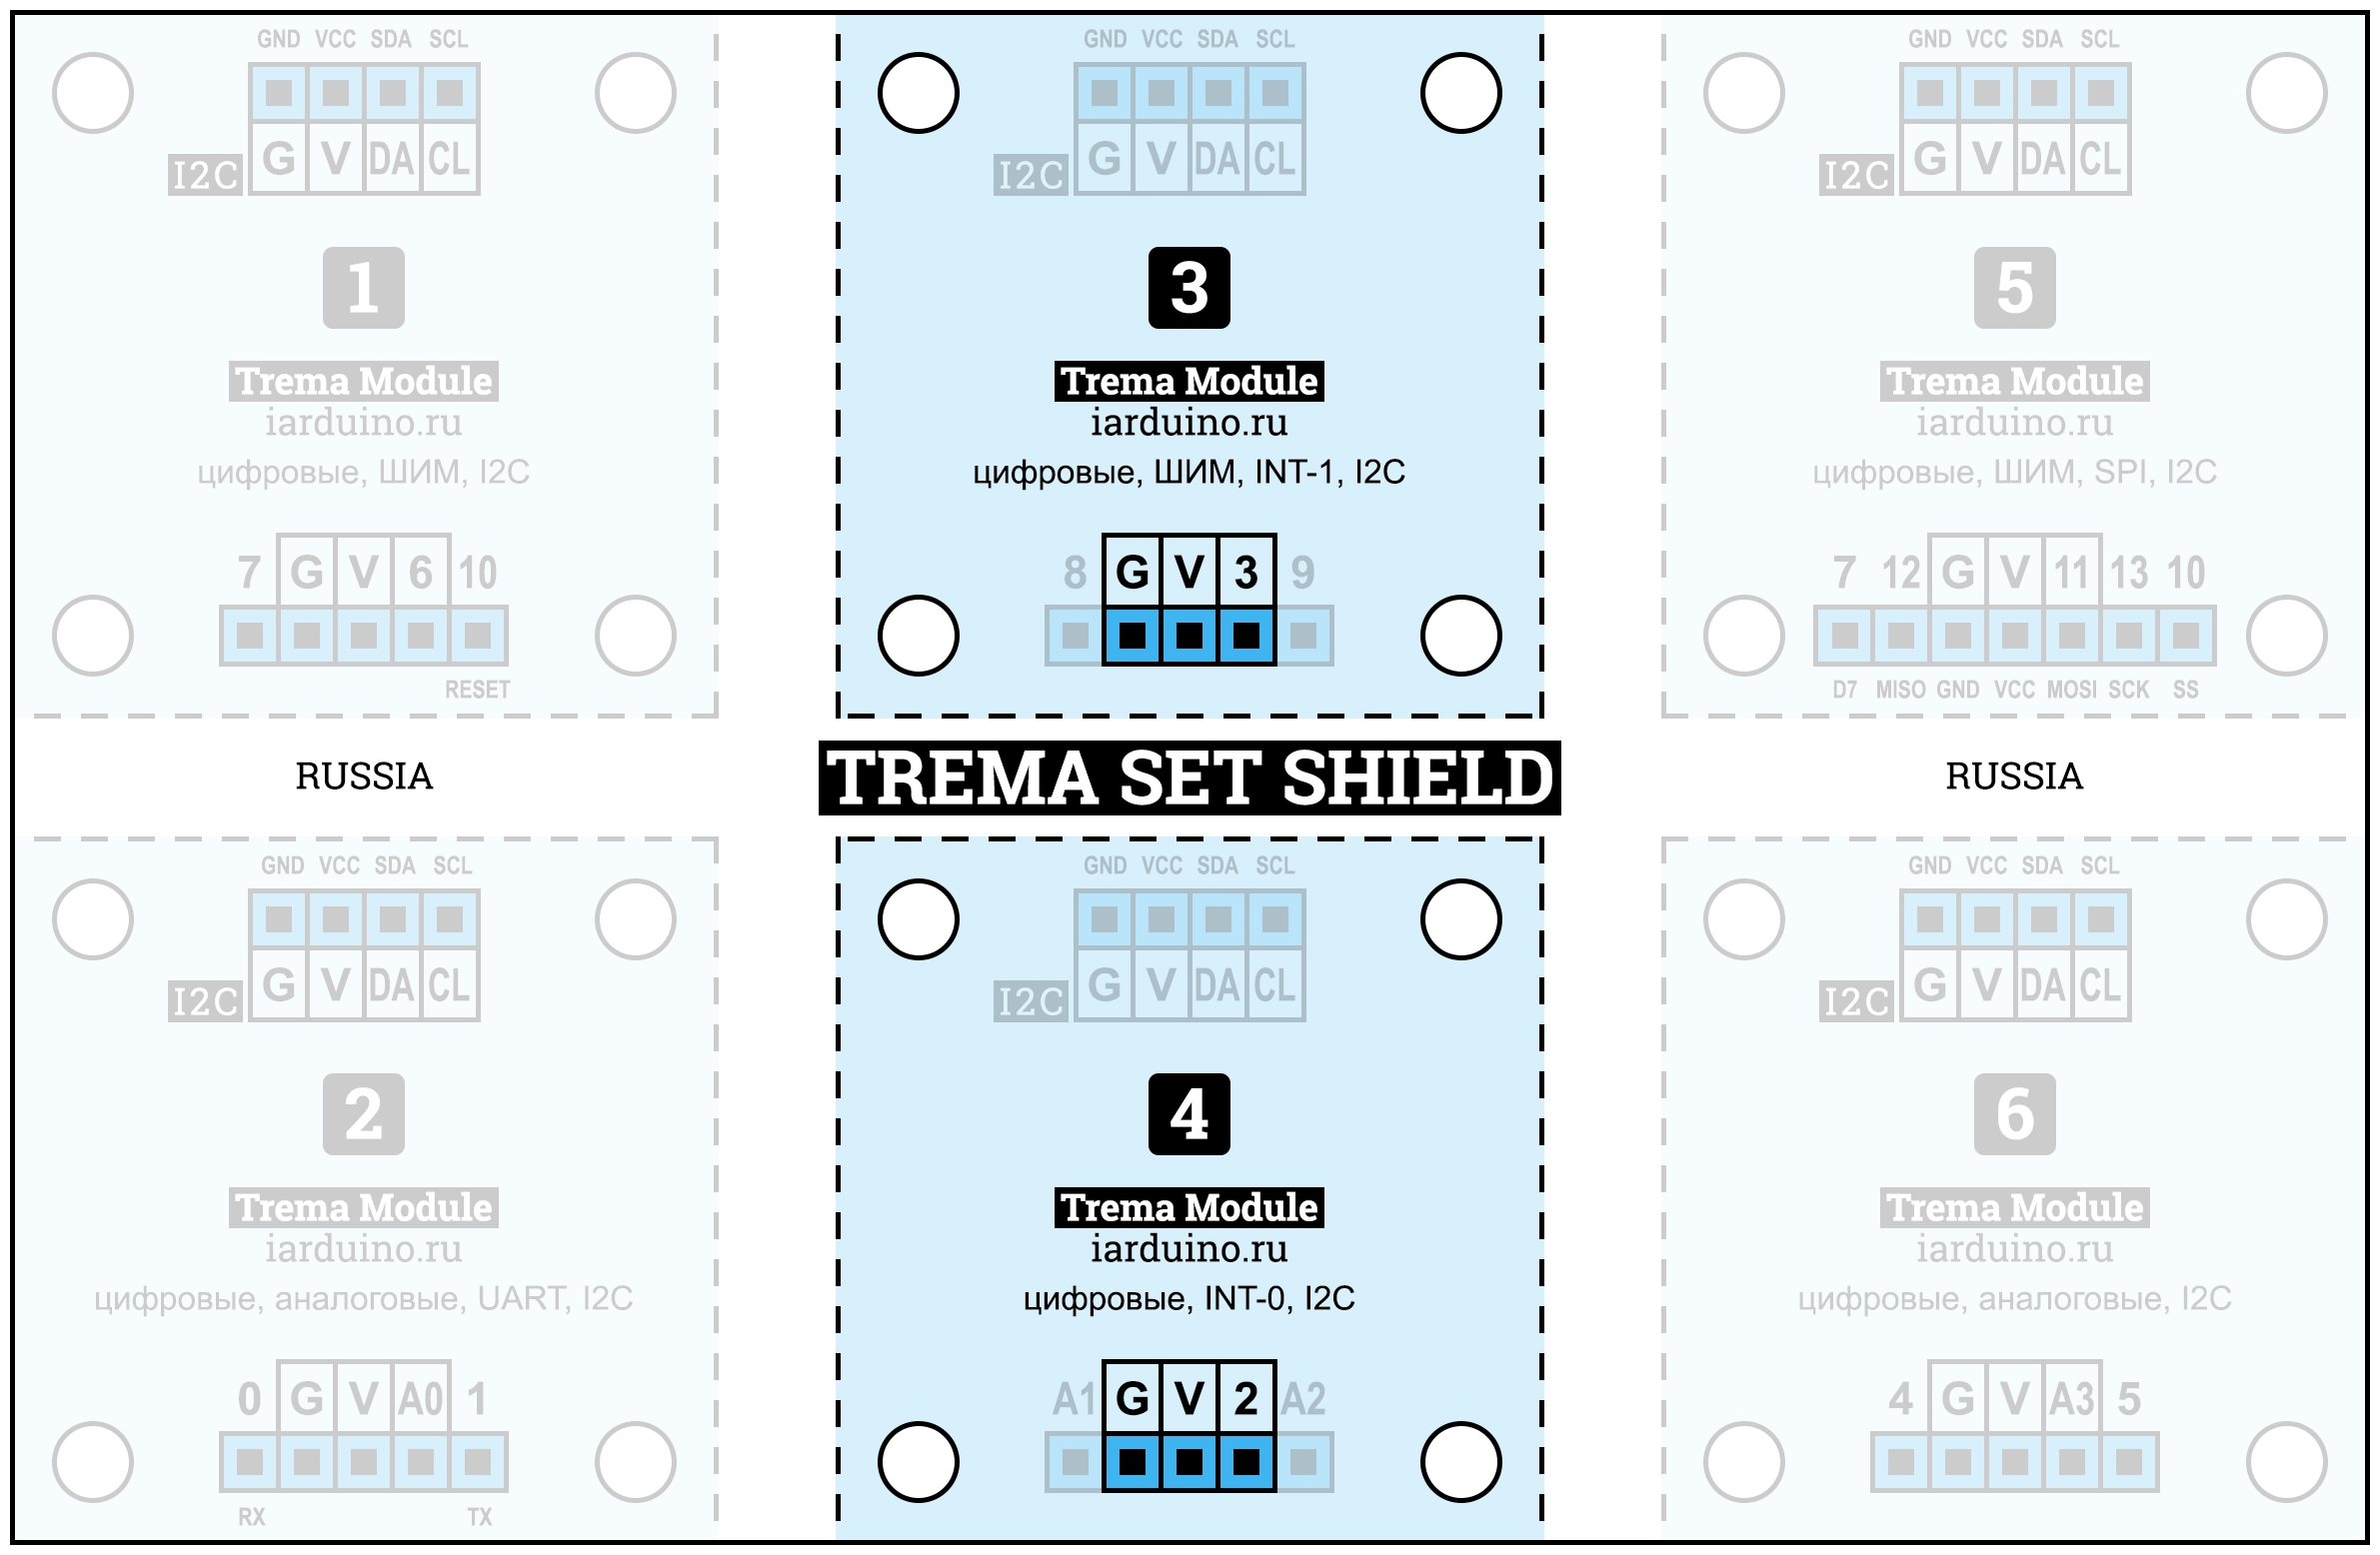 Схема подключения модулей с 3 выводами и использованием прерывания к Trema Set Shield